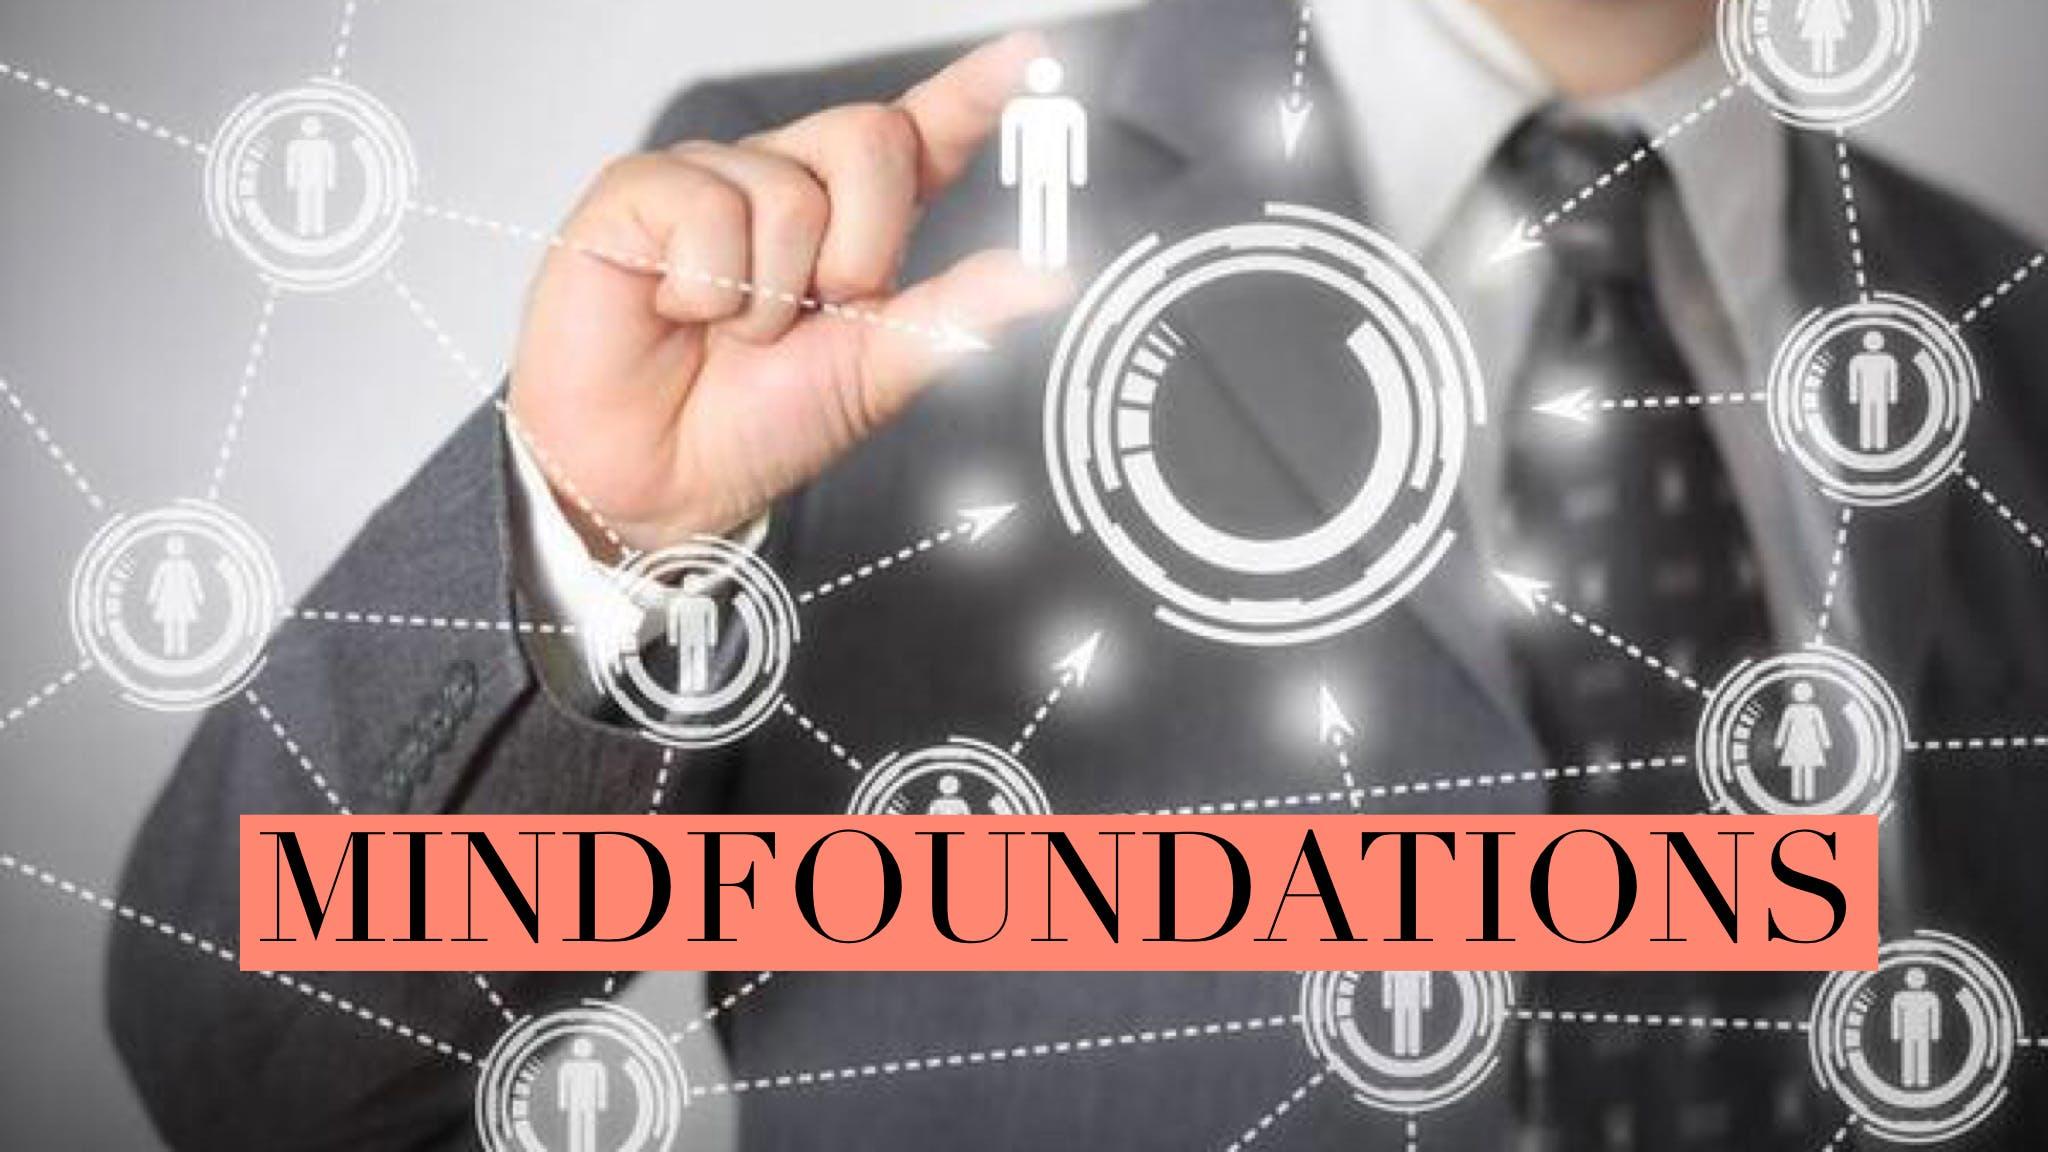 Mindfoundations Coaching Group (Birmingham)